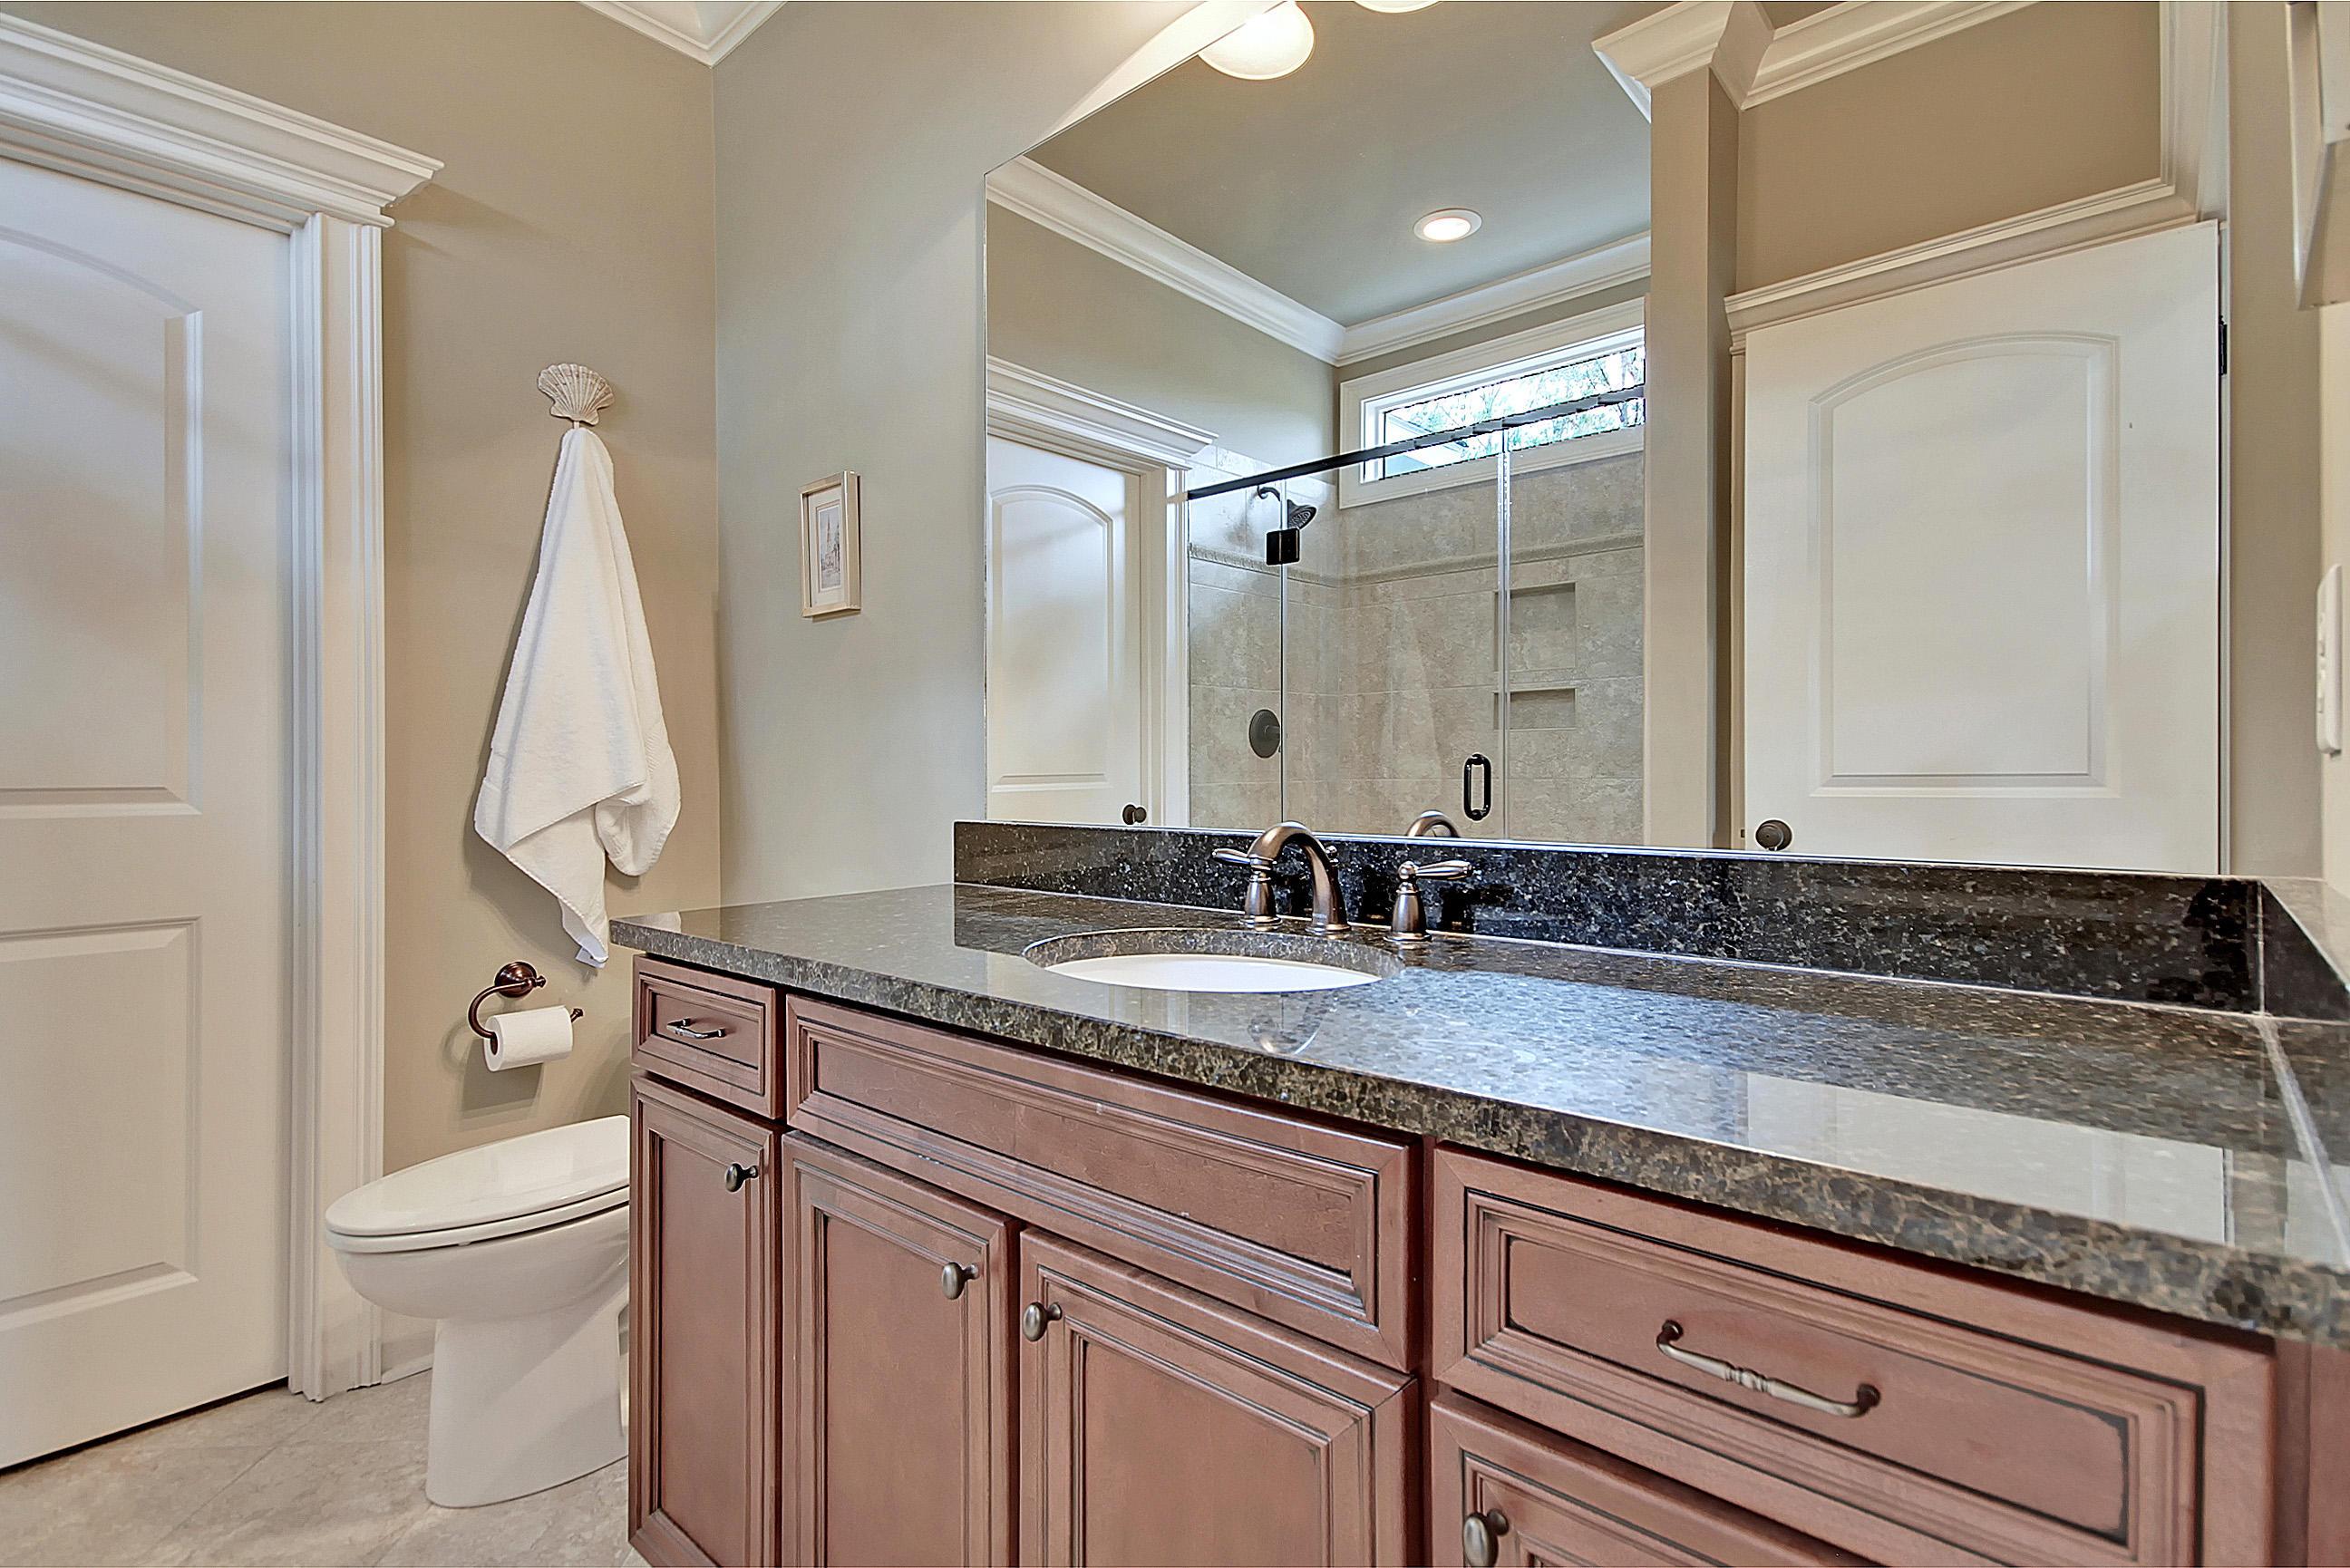 Park West Homes For Sale - 3940 Ashton Shore, Mount Pleasant, SC - 16